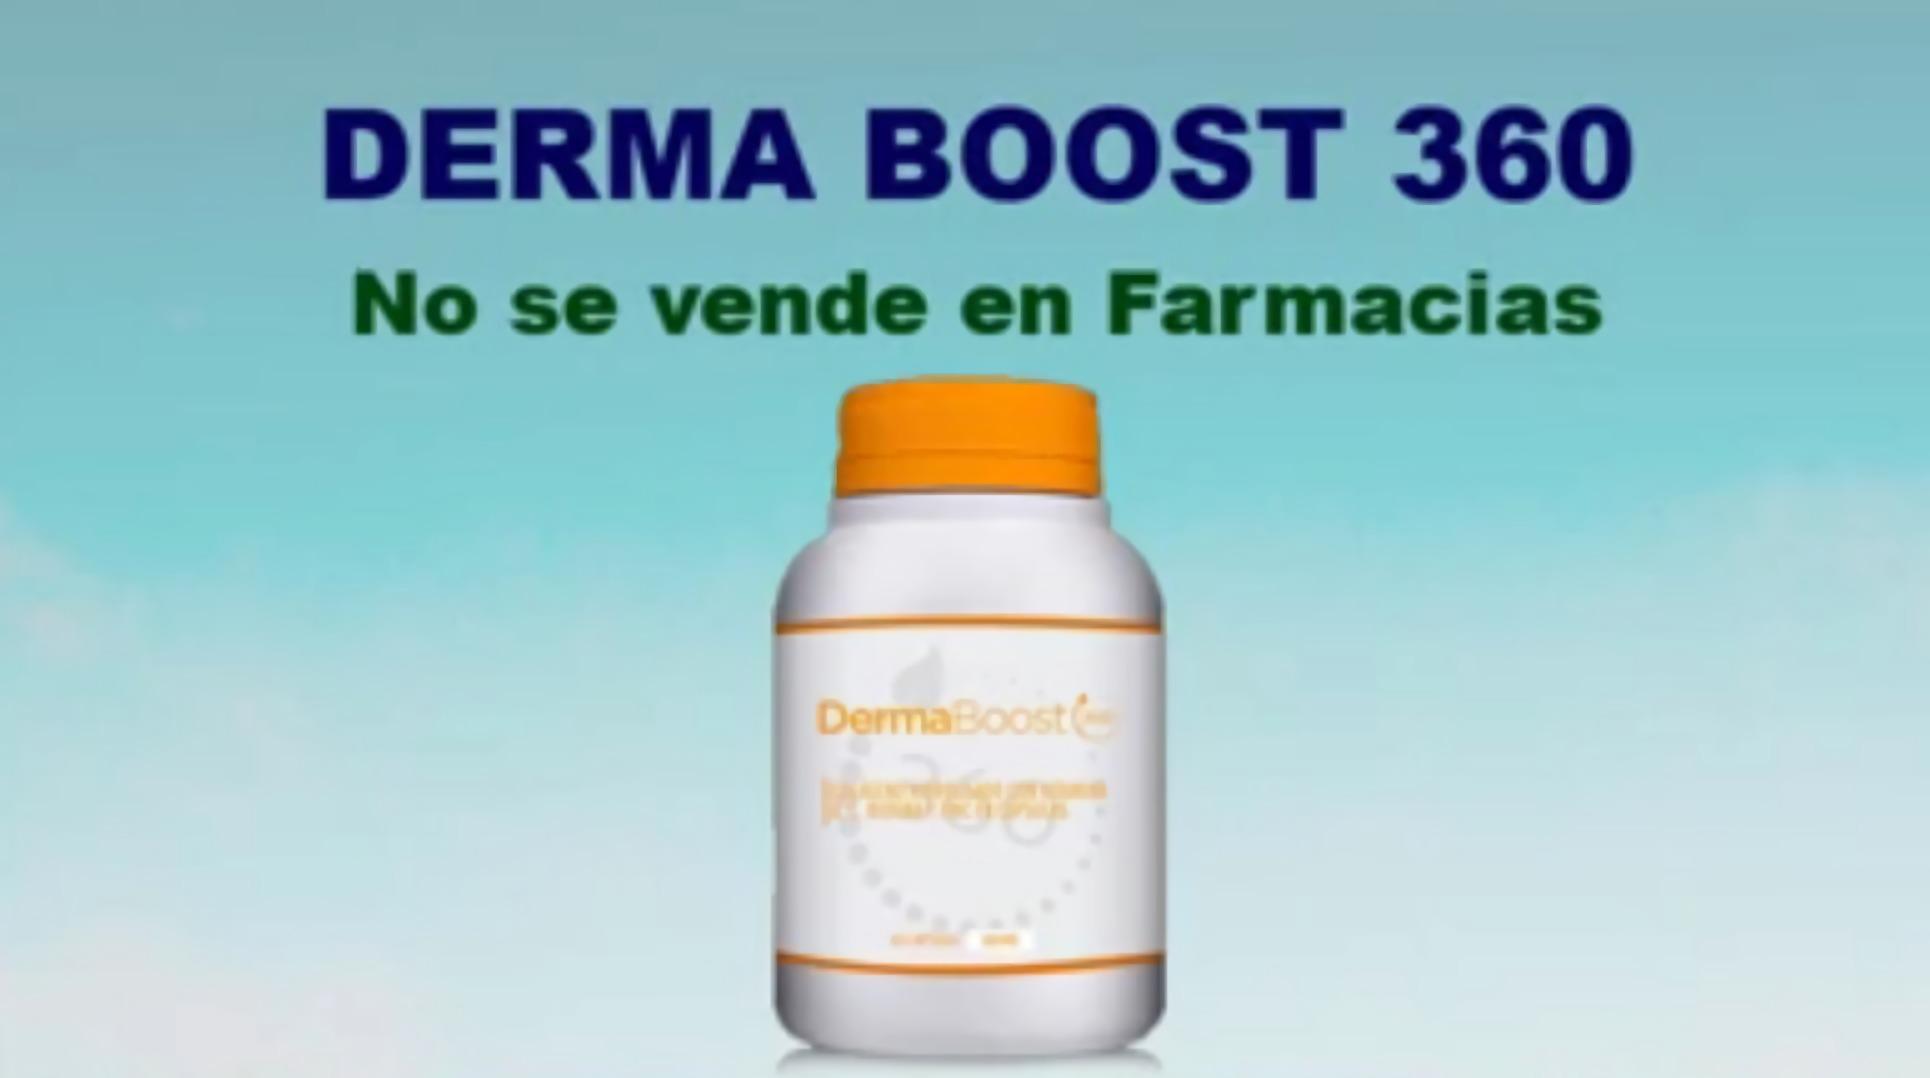 derma-boost 360 donde comprar